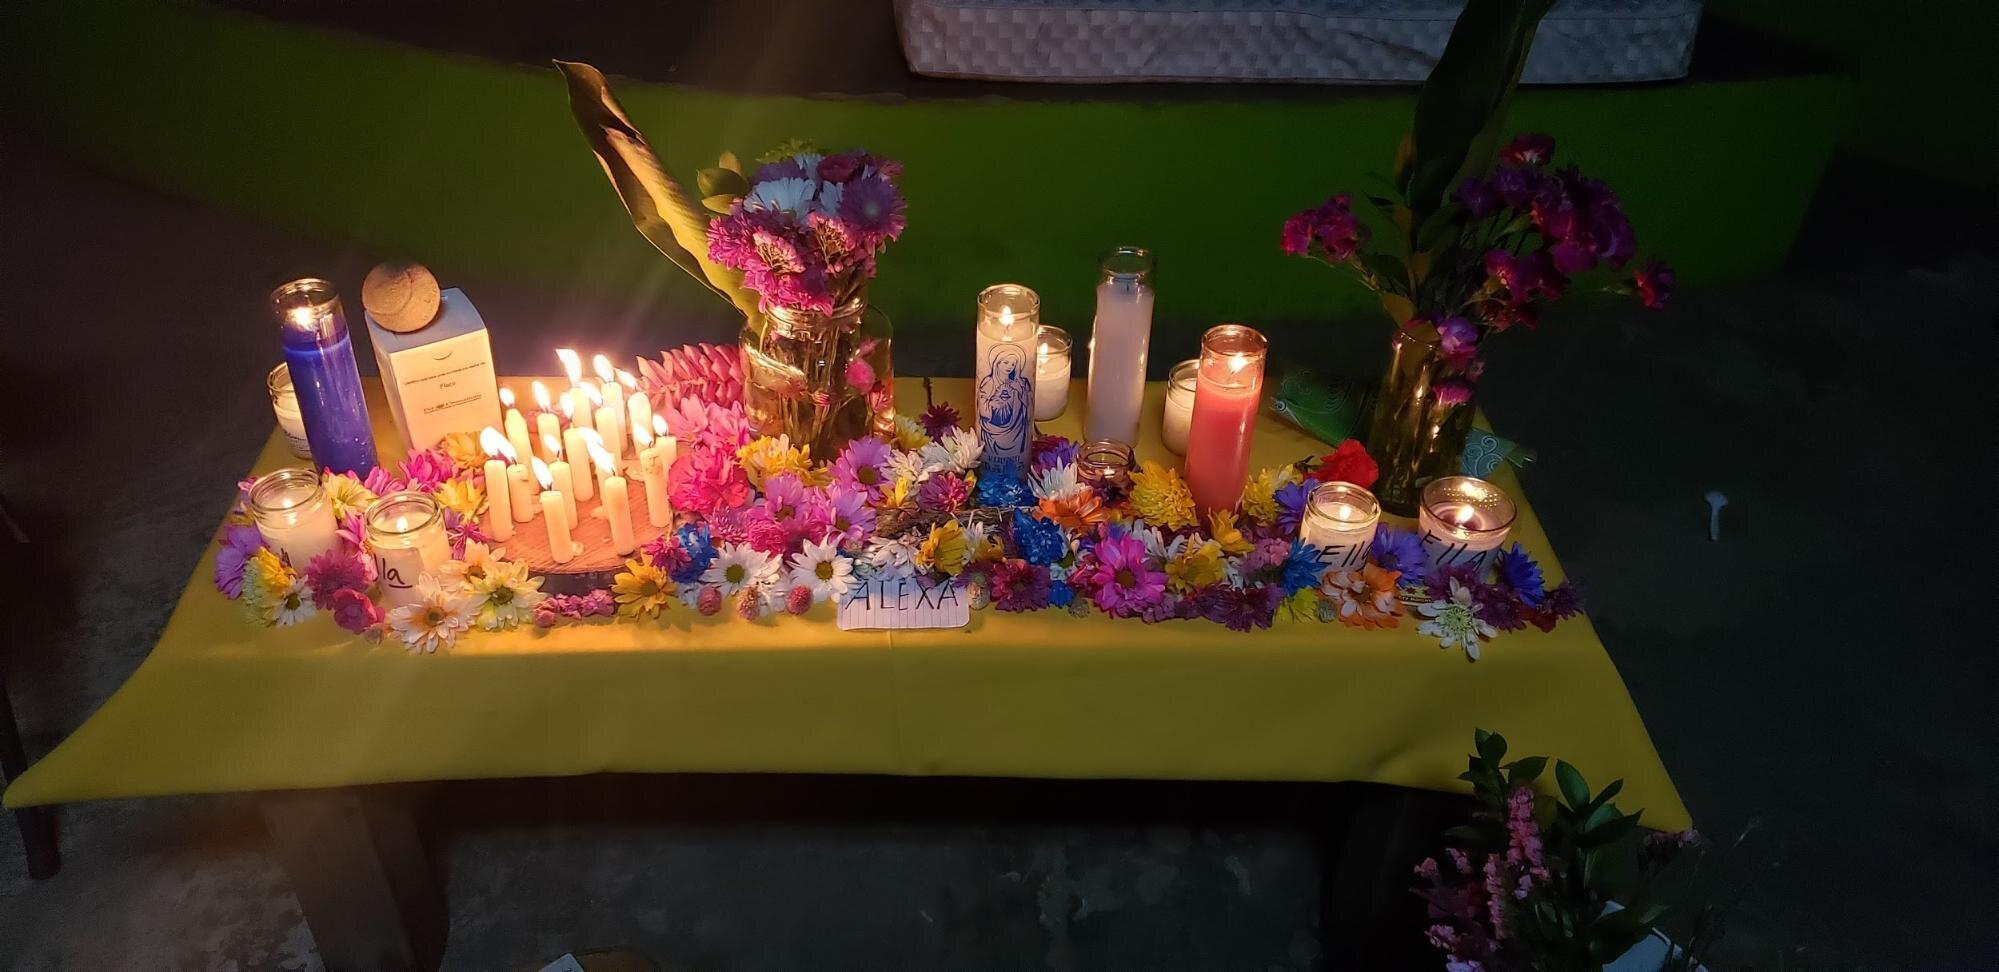 An altar set up to honor Alexa Negrón in Old San Juan, Puerto Rico. Photo courtesy of Marielle De Leon